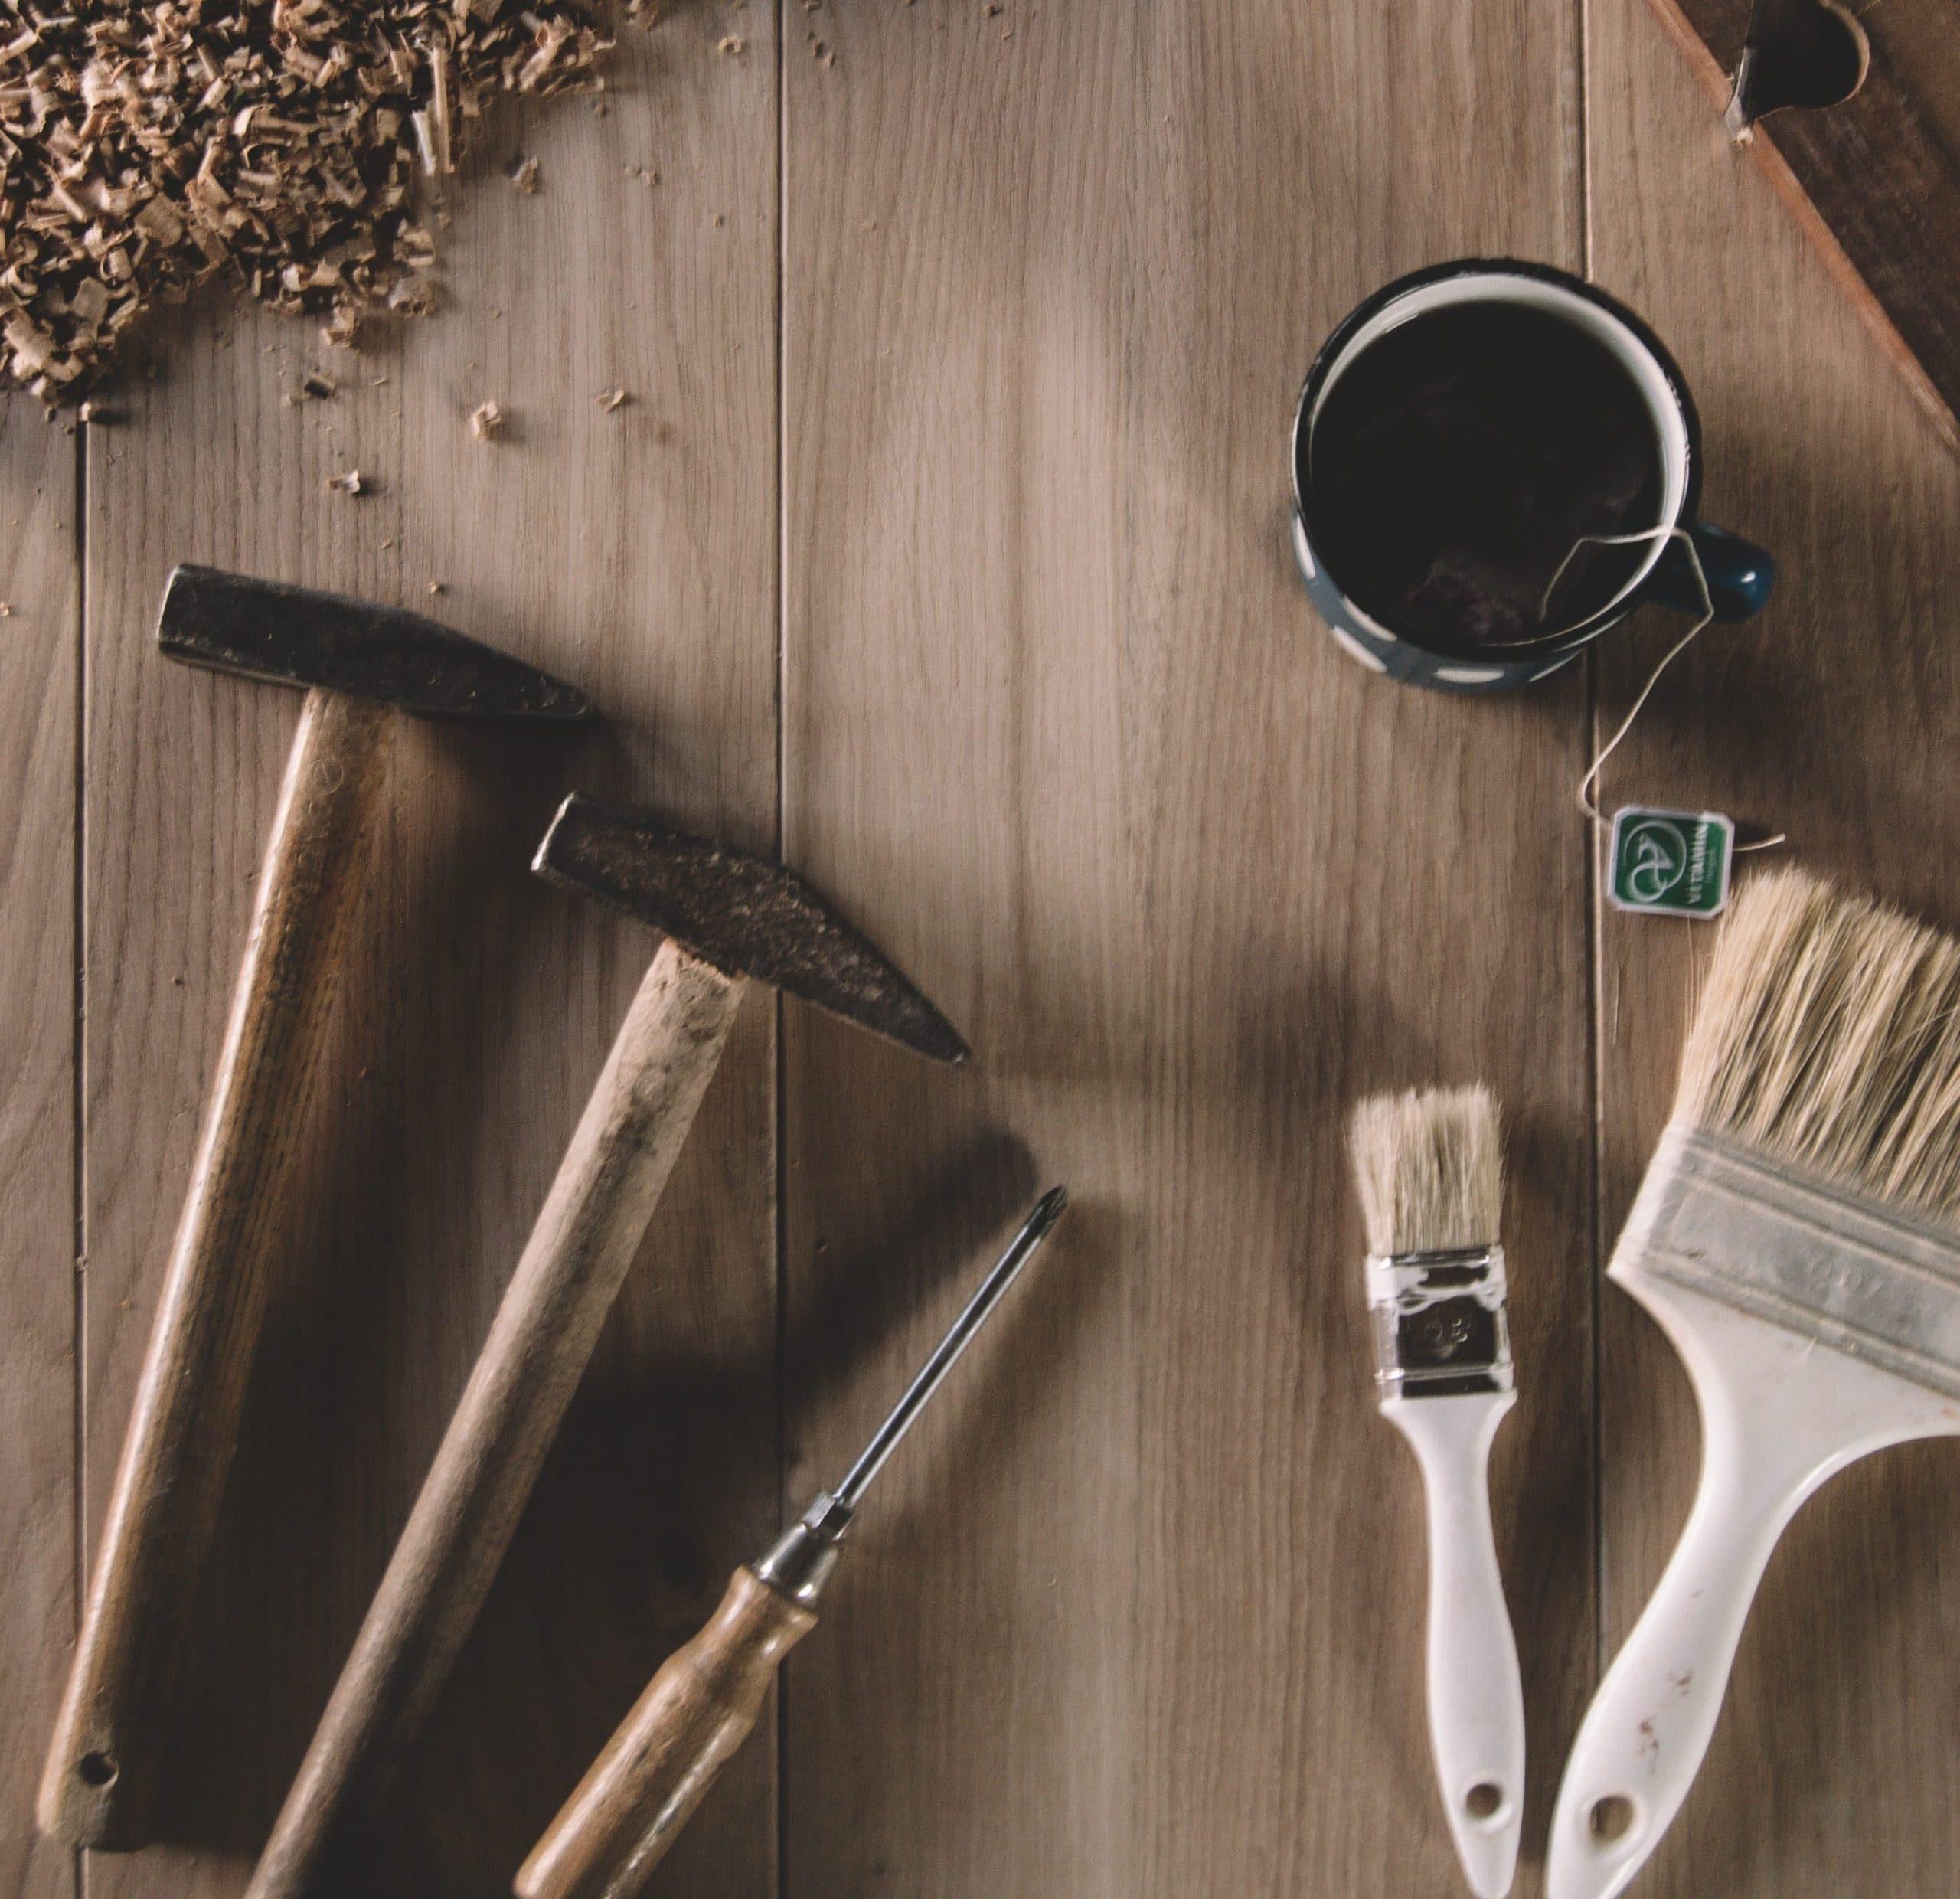 Fabriquer Banquette En Palette comment fabriquer un canapé en palette ? - www.nostradeco.fr